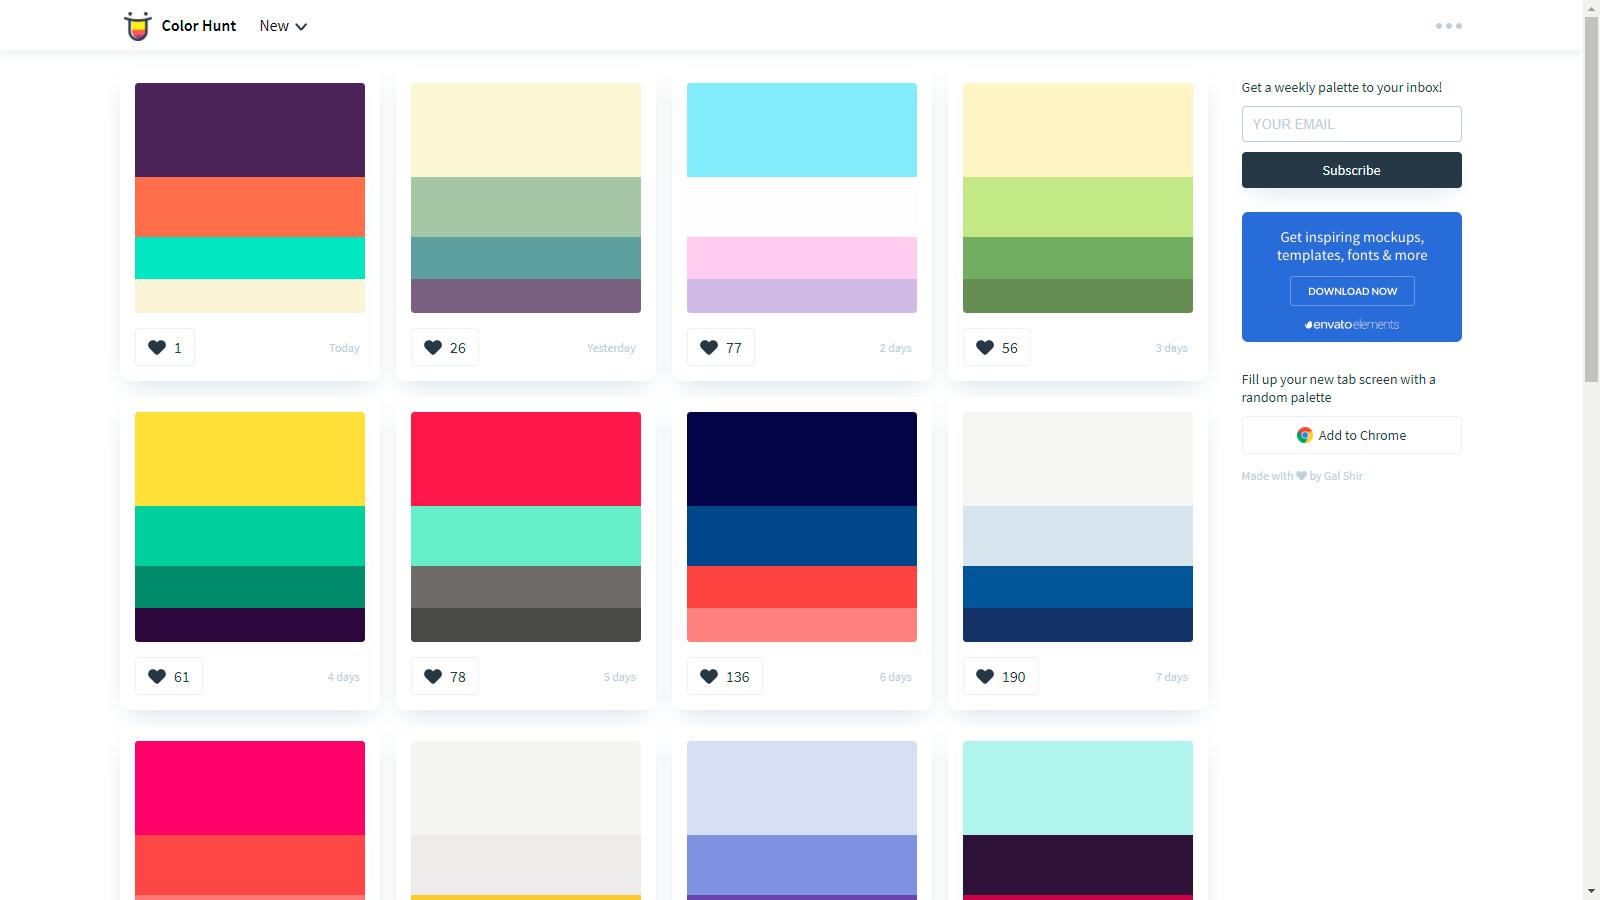 couleurs Color Hunt   Mille Myriades